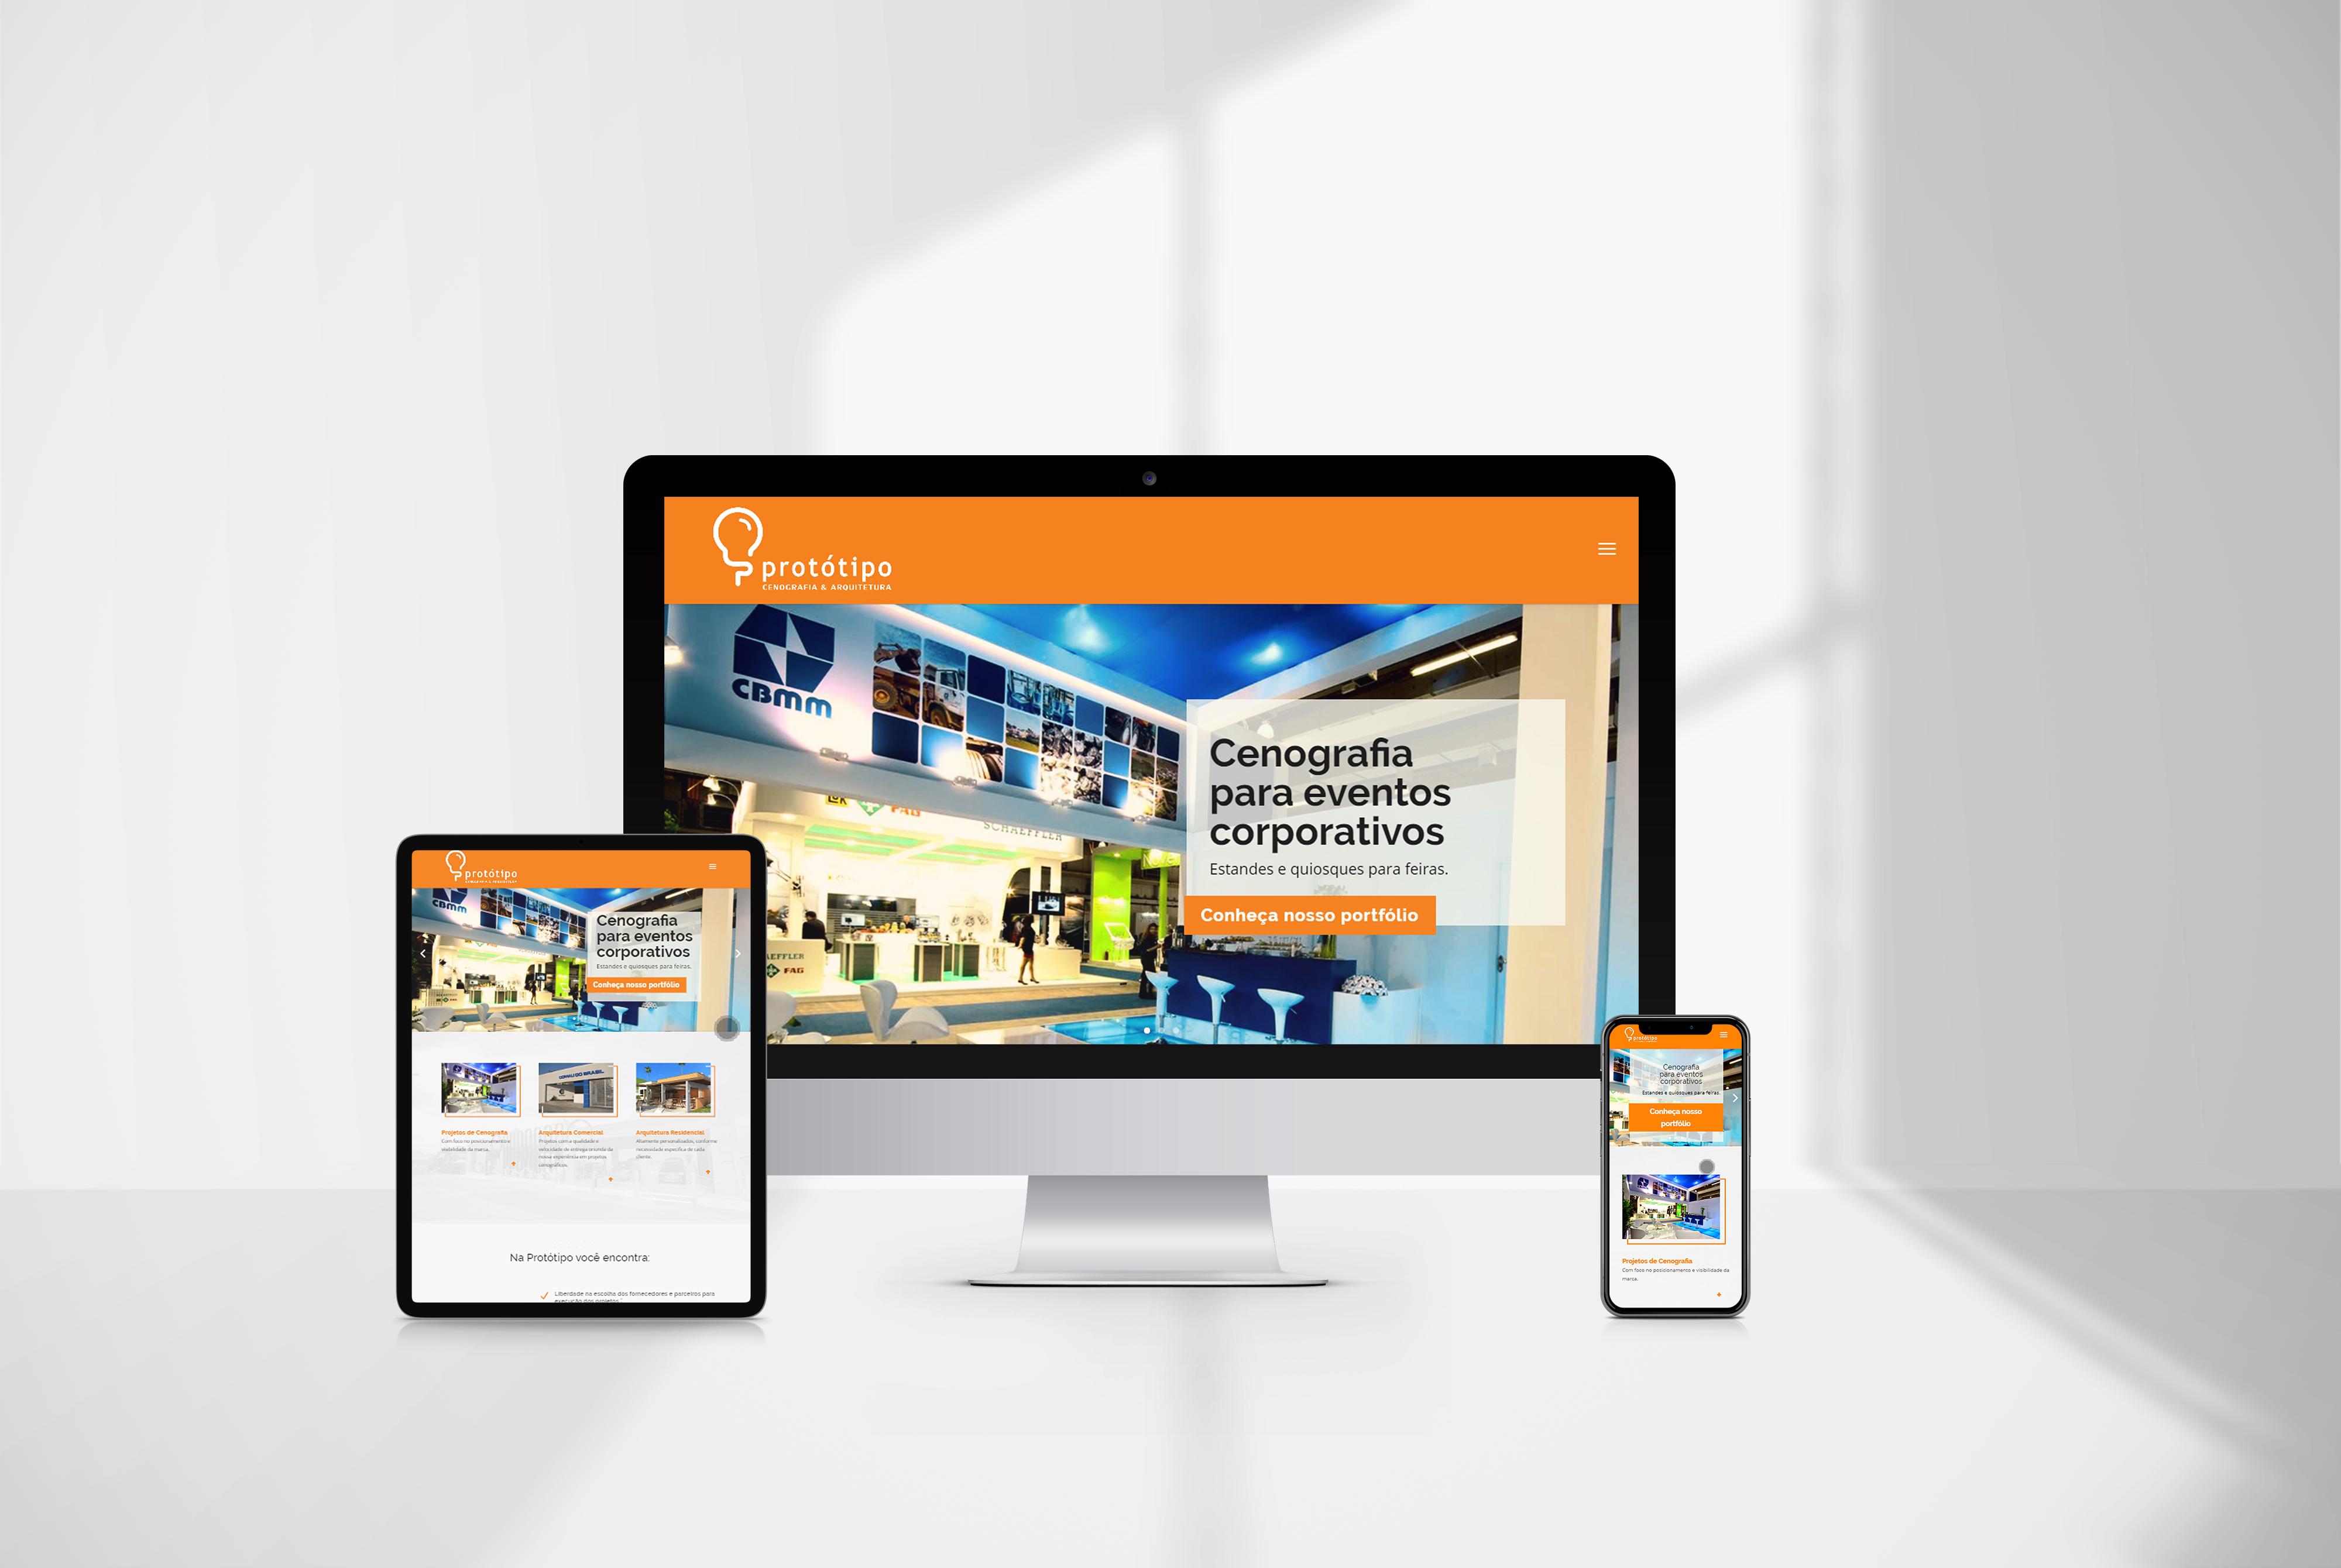 Criação de sites protótipo - agencia de marketing digital casanova digital